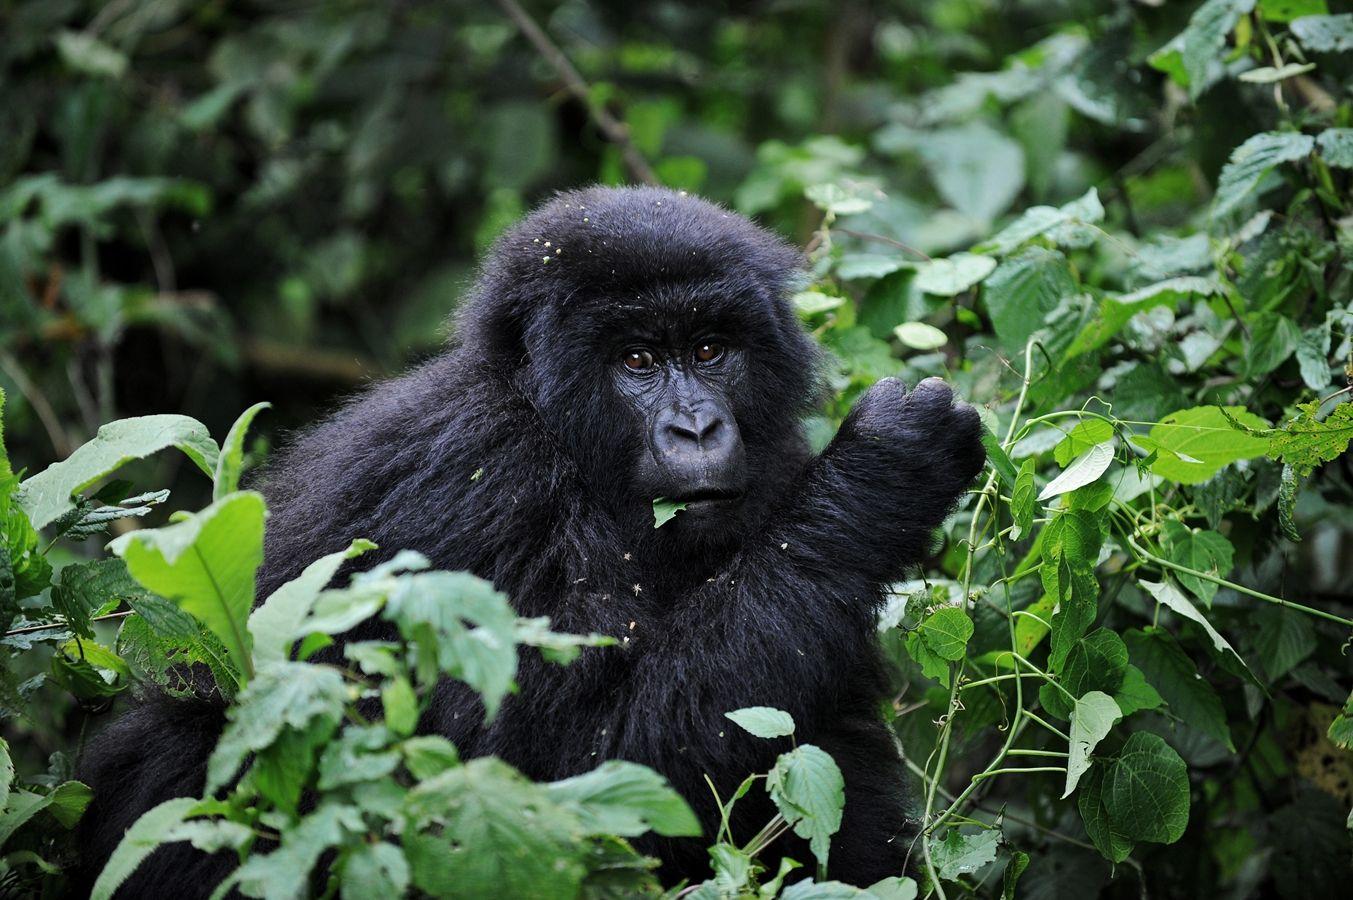 สัตว์ ลิง กอริลลาภูเขา Mountain gorilla